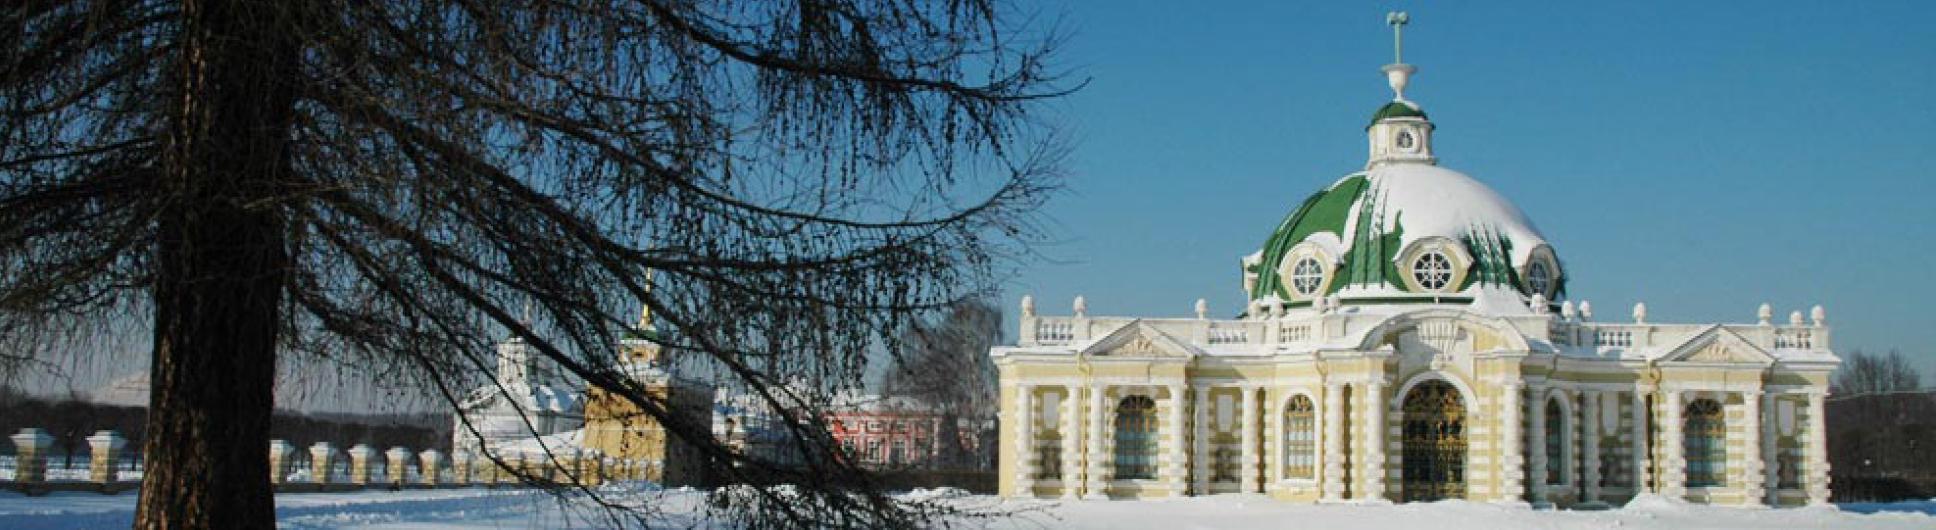 Park von Kuskowo im Osten der Stadt – ein Schlosspark, teilweise im englischen und französischen Stil errichtet (Foto: © Park von Kuskowo)